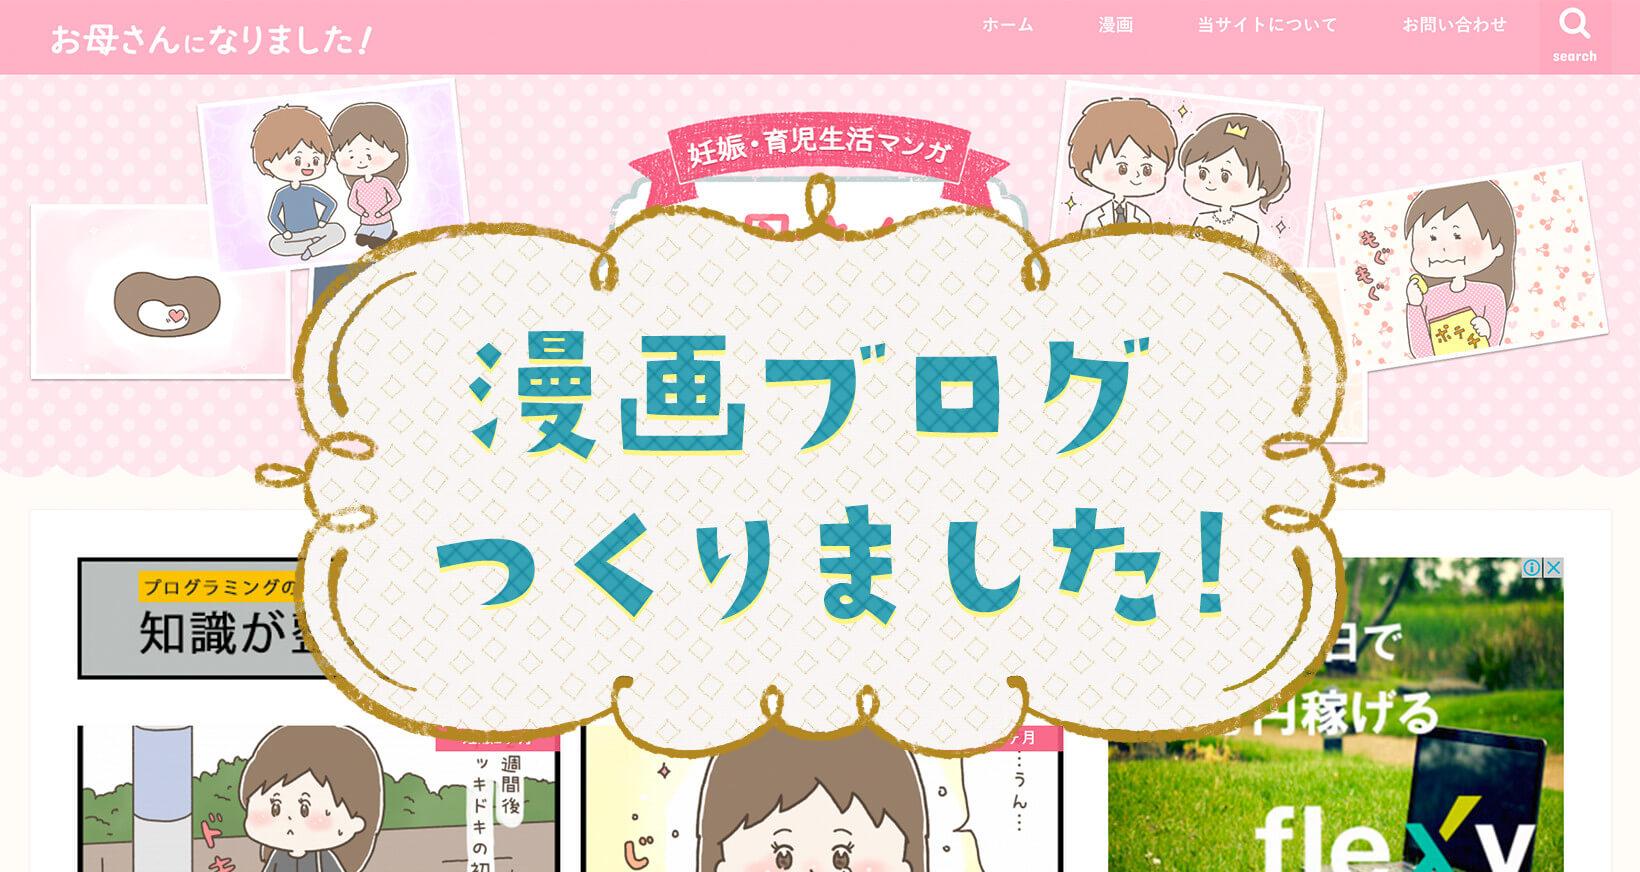 マタニティ 育児 出産 漫画 マンガ ブログ